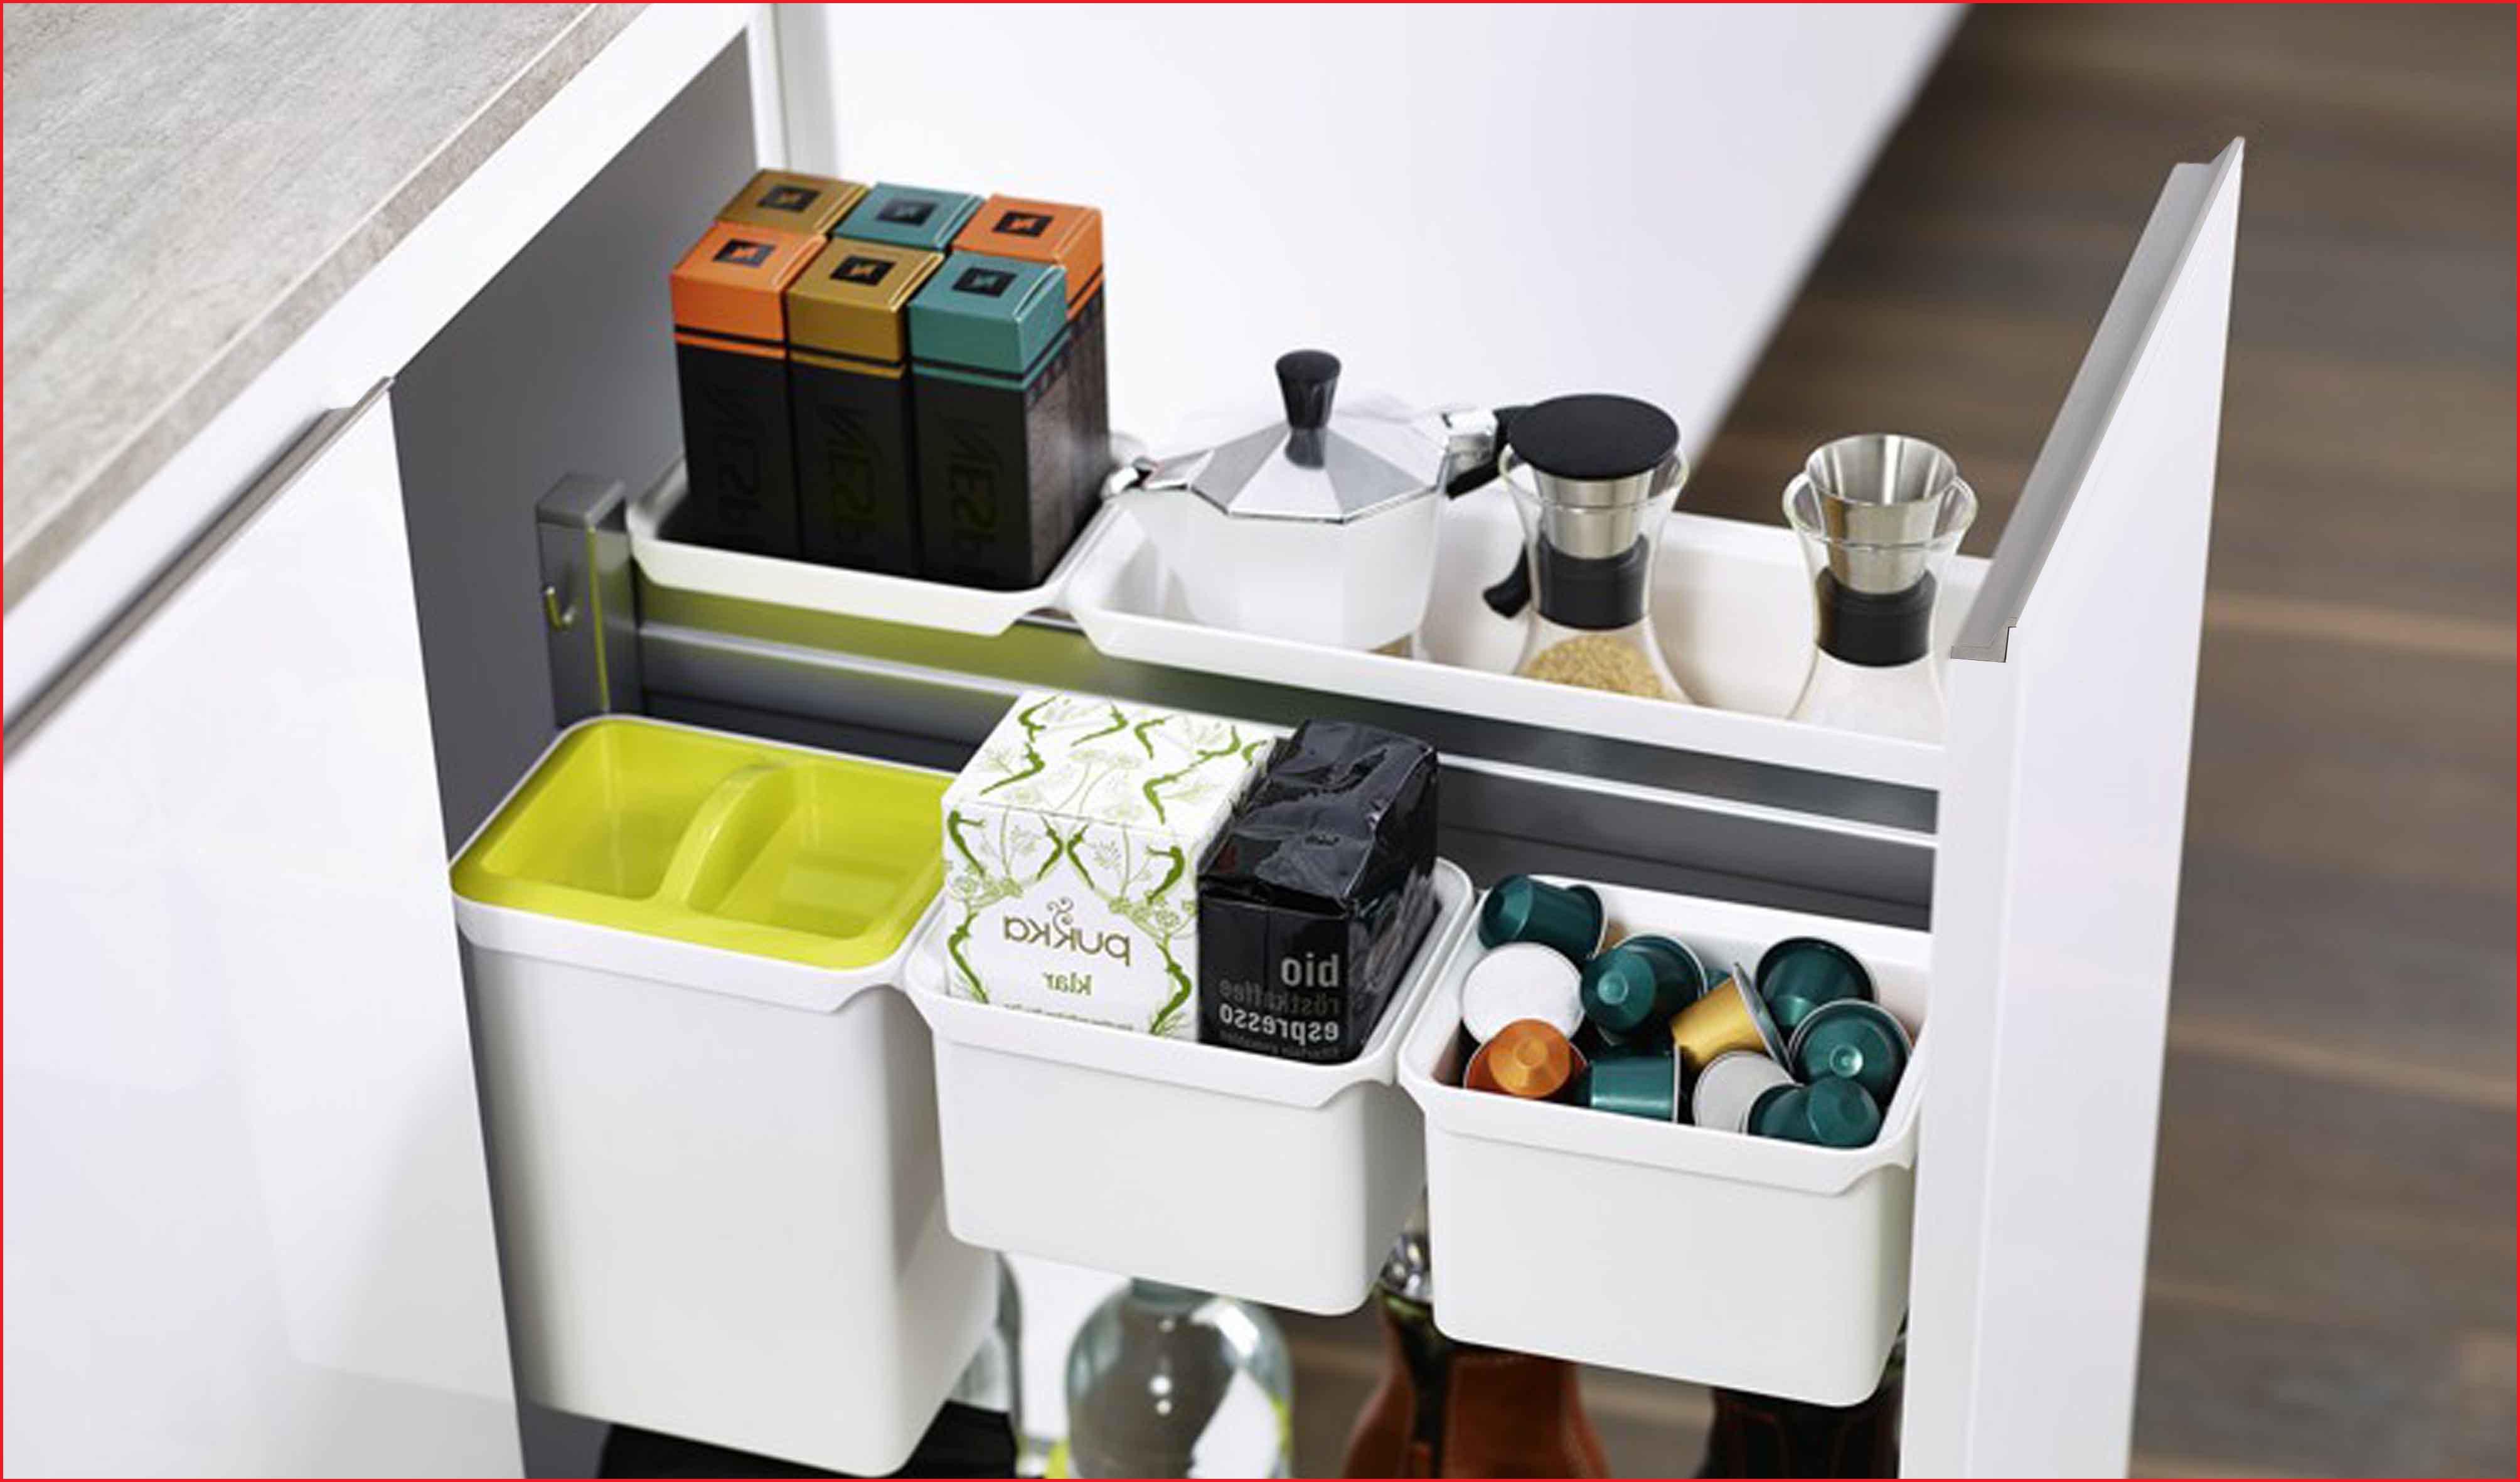 Accesorios Para Muebles De Cocina Gdd0 Accesorios Para Interior De Muebles De Cocina 8 Accesorios